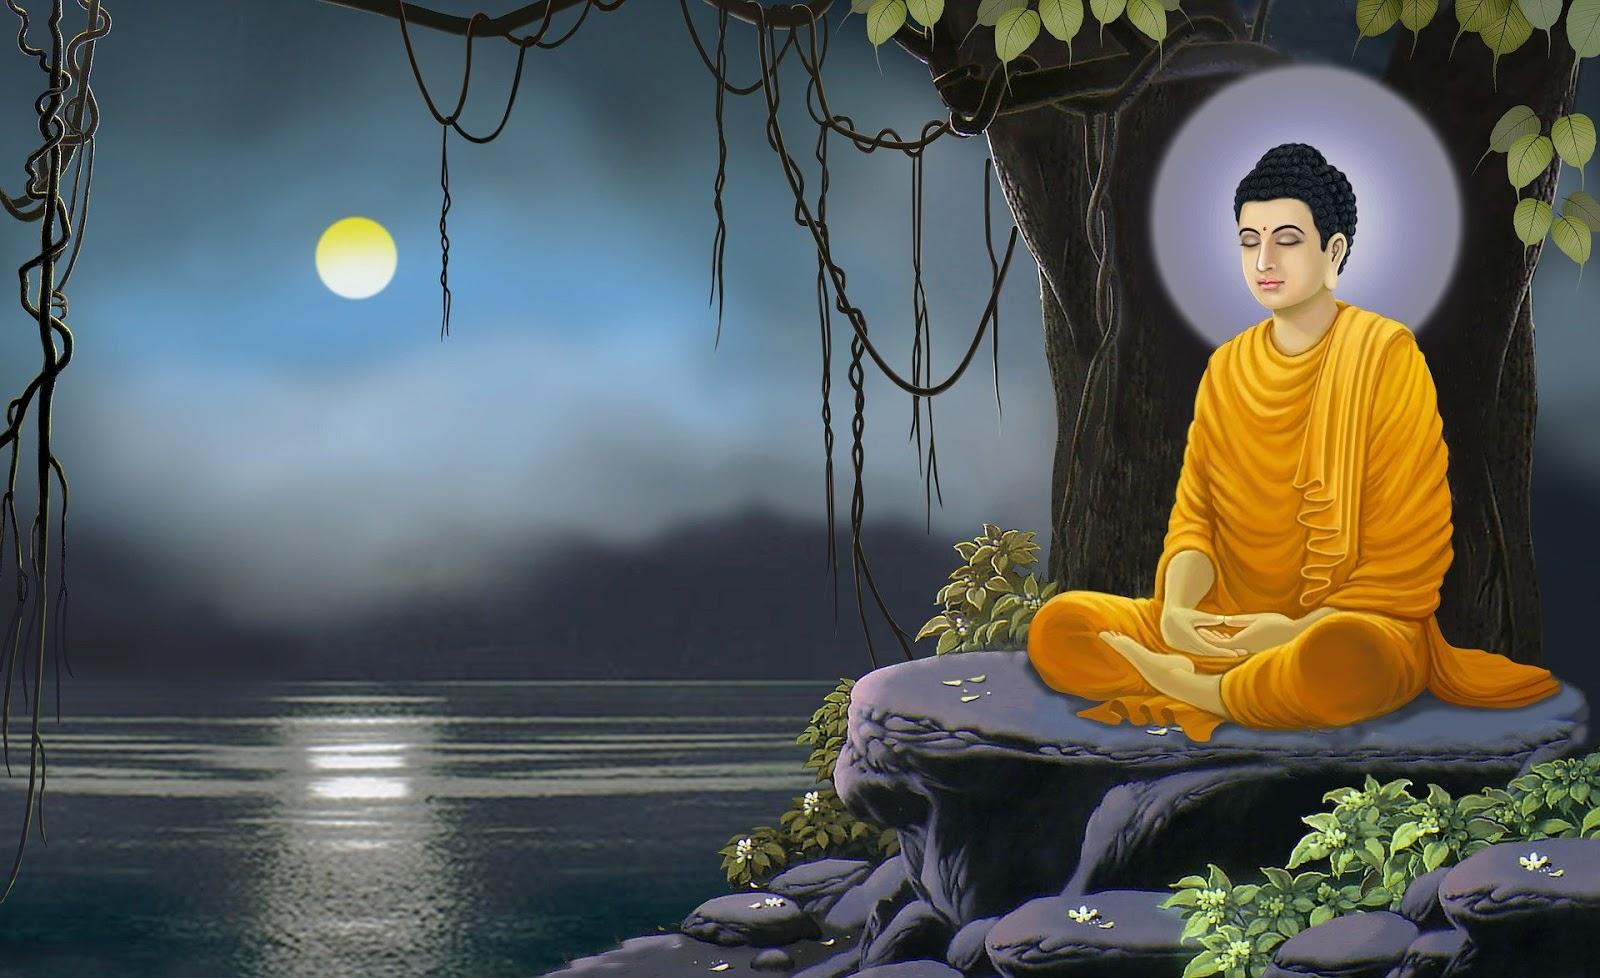 Buddha Hd Whatsapp Status Videos 2020 Free Download Buddha Whatsapp Status Video Buddha Purnima